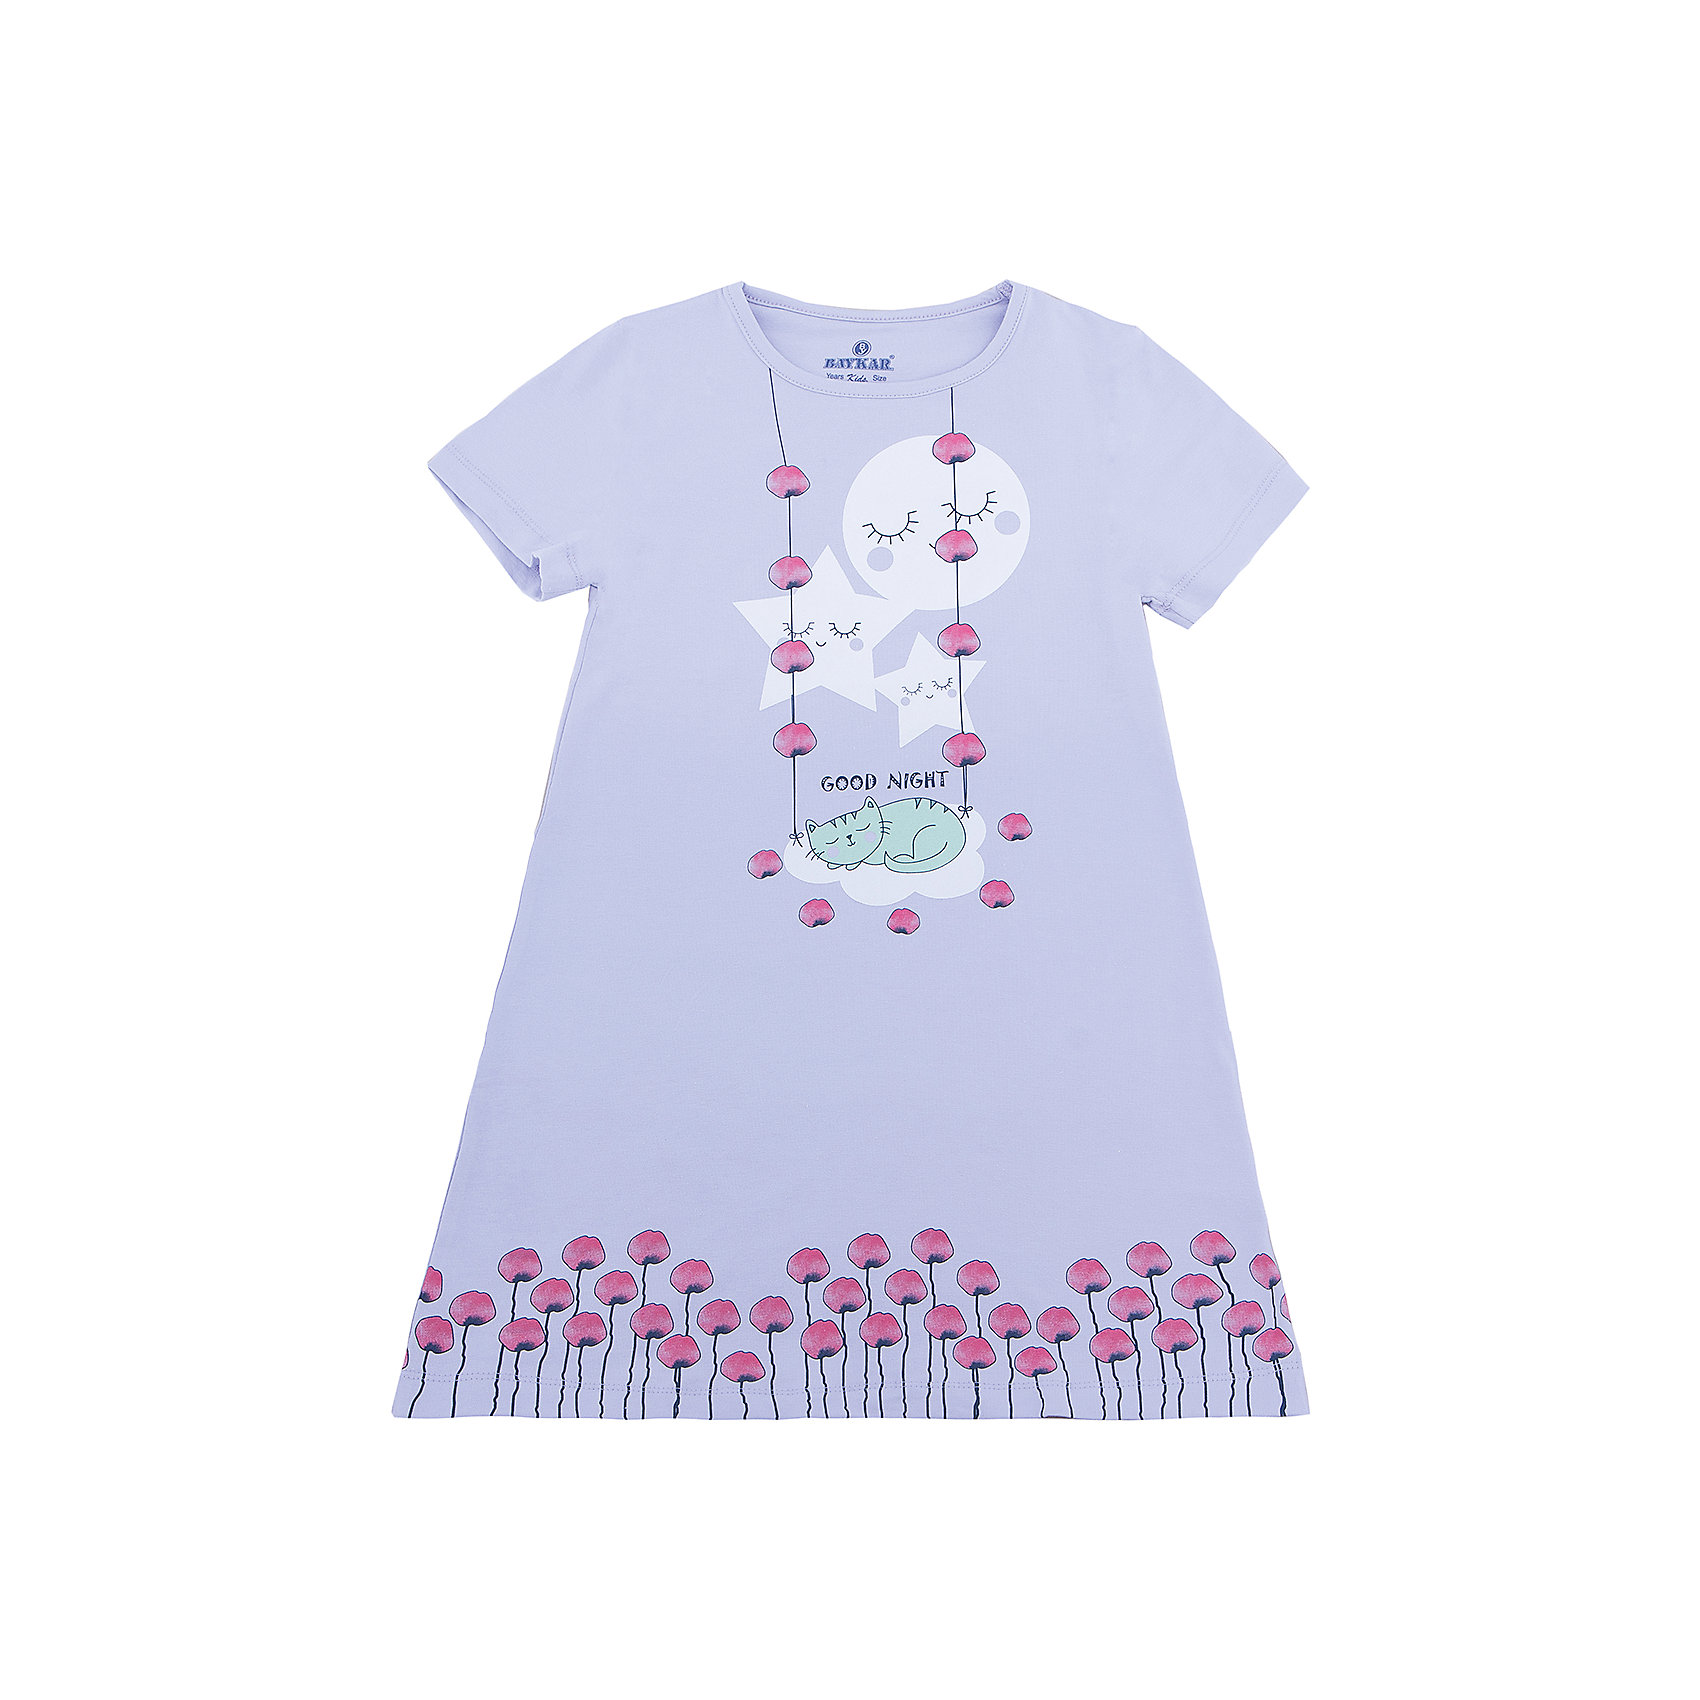 Сорочка для девочки BaykarПижамы и сорочки<br>Характеристики товара:<br><br>• цвет: розовый<br>• состав ткани: 95% хлопок; 5% эластан<br>• короткие рукава<br>• сезон: круглый год<br>• страна бренда: Турция<br>• страна изготовитель: Турция<br><br>Удобная сорочка для девочки Baykar украшена симпатичным принтом. Такая комфортная одежда для сна сделана из мягкого дышащего материала. <br><br>Продуманный крой обеспечивает комфортную посадку. Розовая сорочка для девочки позволяет обеспечить комфортный сон.<br><br>Сорочку для девочки Baykar (Байкар) можно купить в нашем интернет-магазине.<br><br>Ширина мм: 281<br>Глубина мм: 70<br>Высота мм: 188<br>Вес г: 295<br>Цвет: розовый<br>Возраст от месяцев: 48<br>Возраст до месяцев: 60<br>Пол: Женский<br>Возраст: Детский<br>Размер: 104/110,116/122,98/104,110/116<br>SKU: 6764871